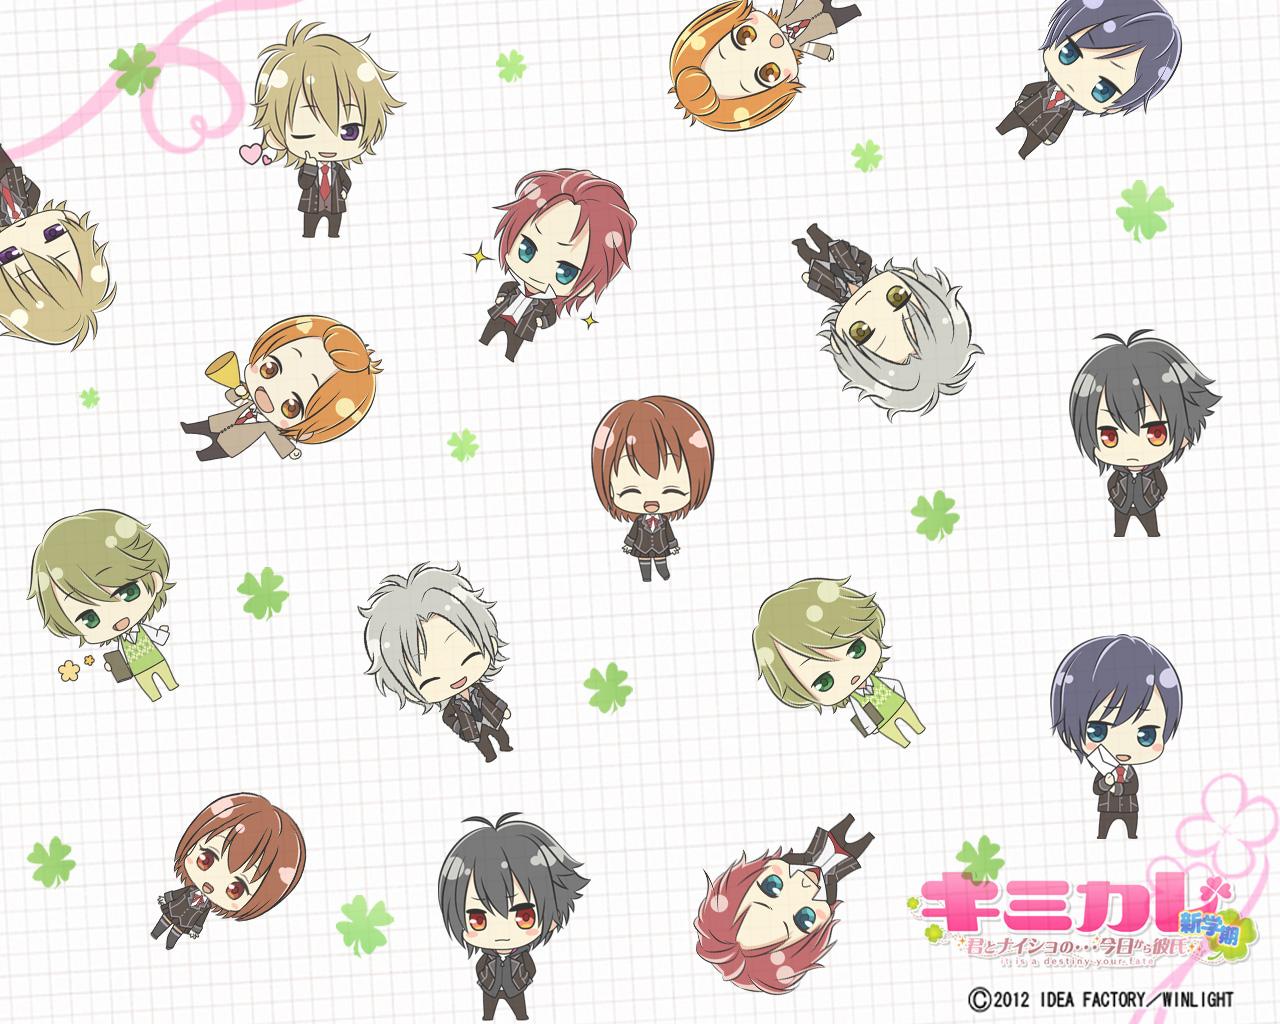 http://blog.otomate.jp/staffblog/2012/07/11/00010325.jpg